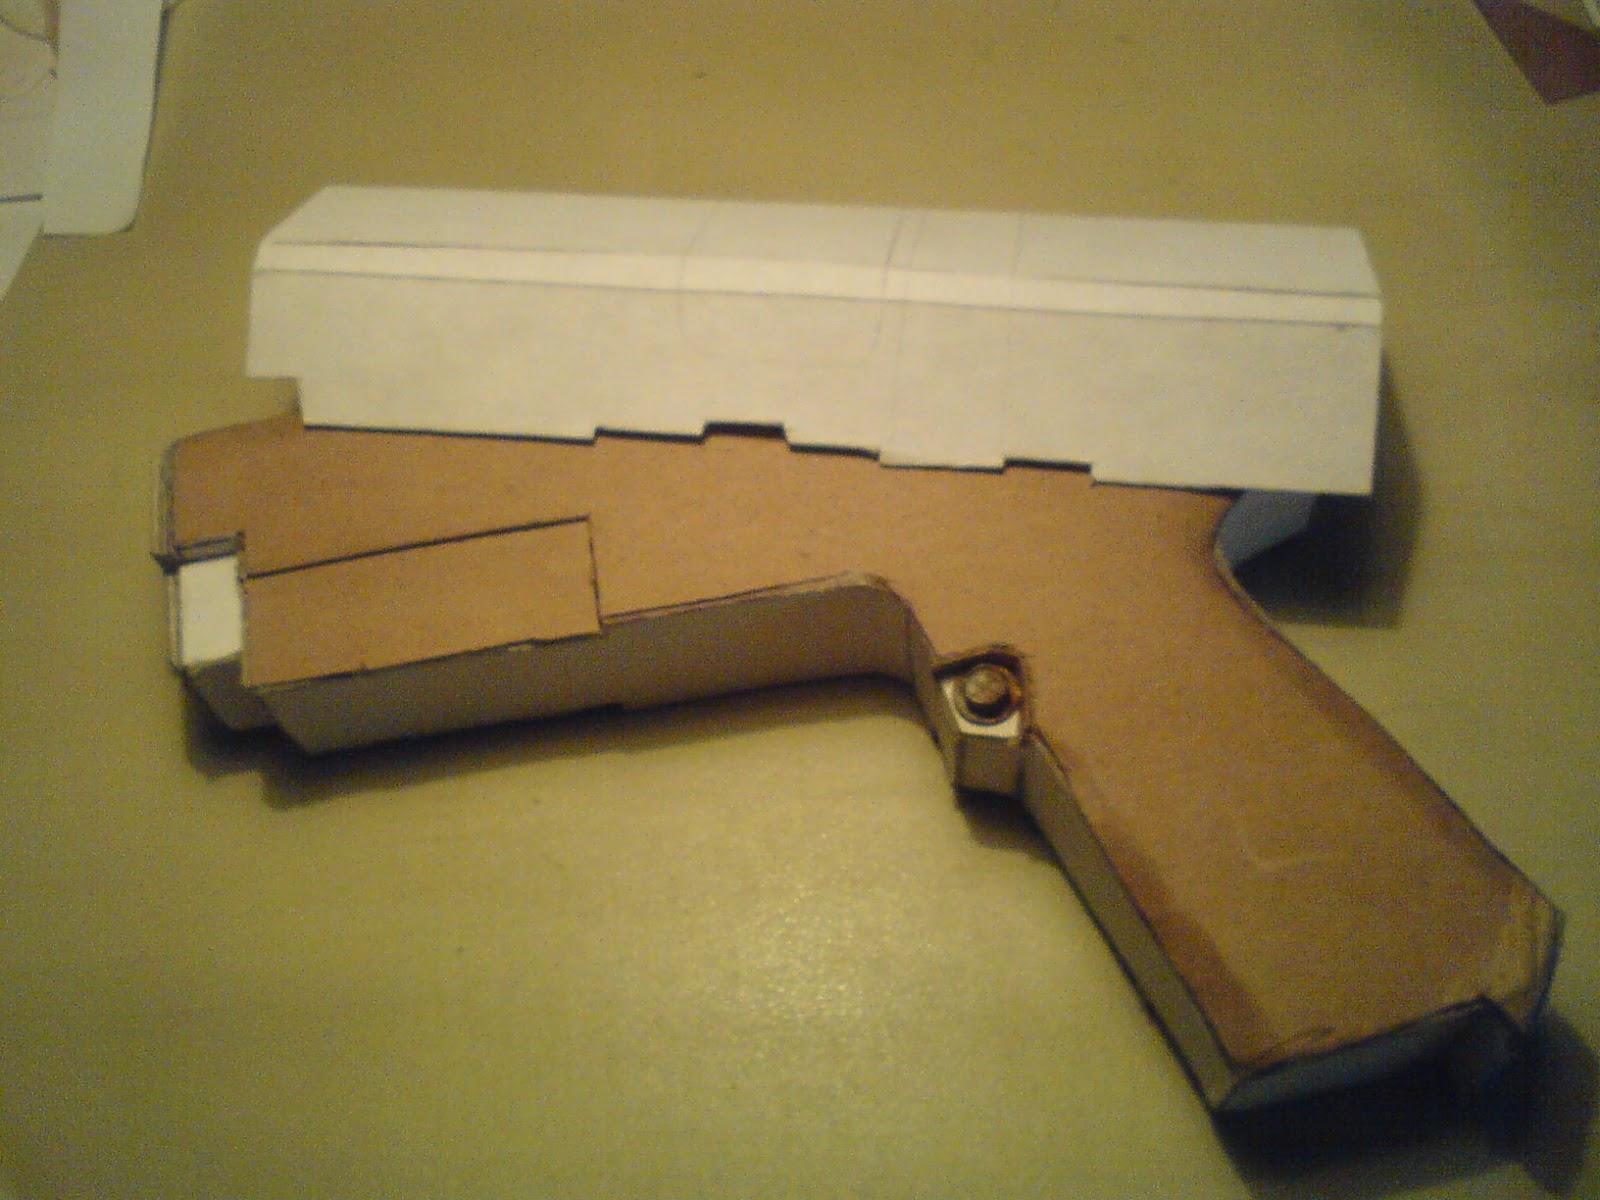 Pistola Blacktail - Resident Evil DSC04420